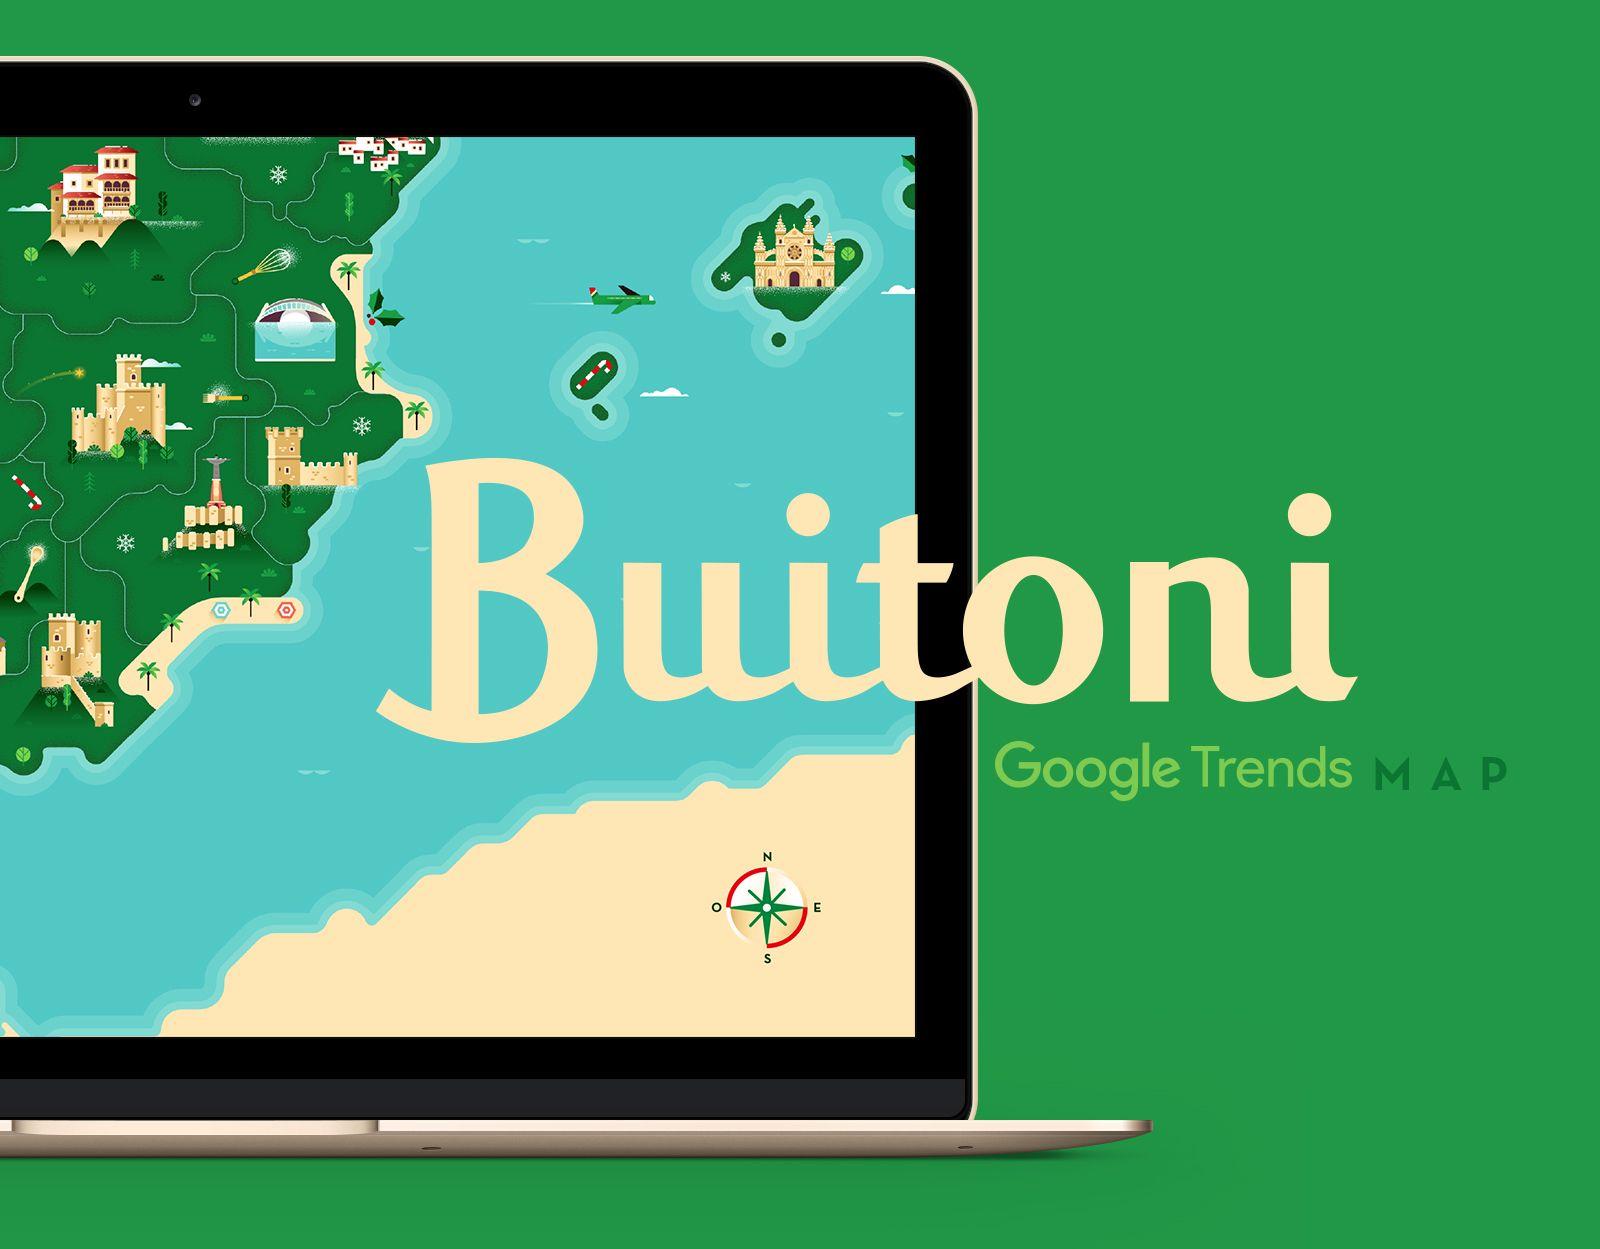 Popatrz Na Ten Projekt W Behance Buitoni Google Trends Map Https Www Behance Net Gallery 59890551 Buitoni Google Trends Map With Images